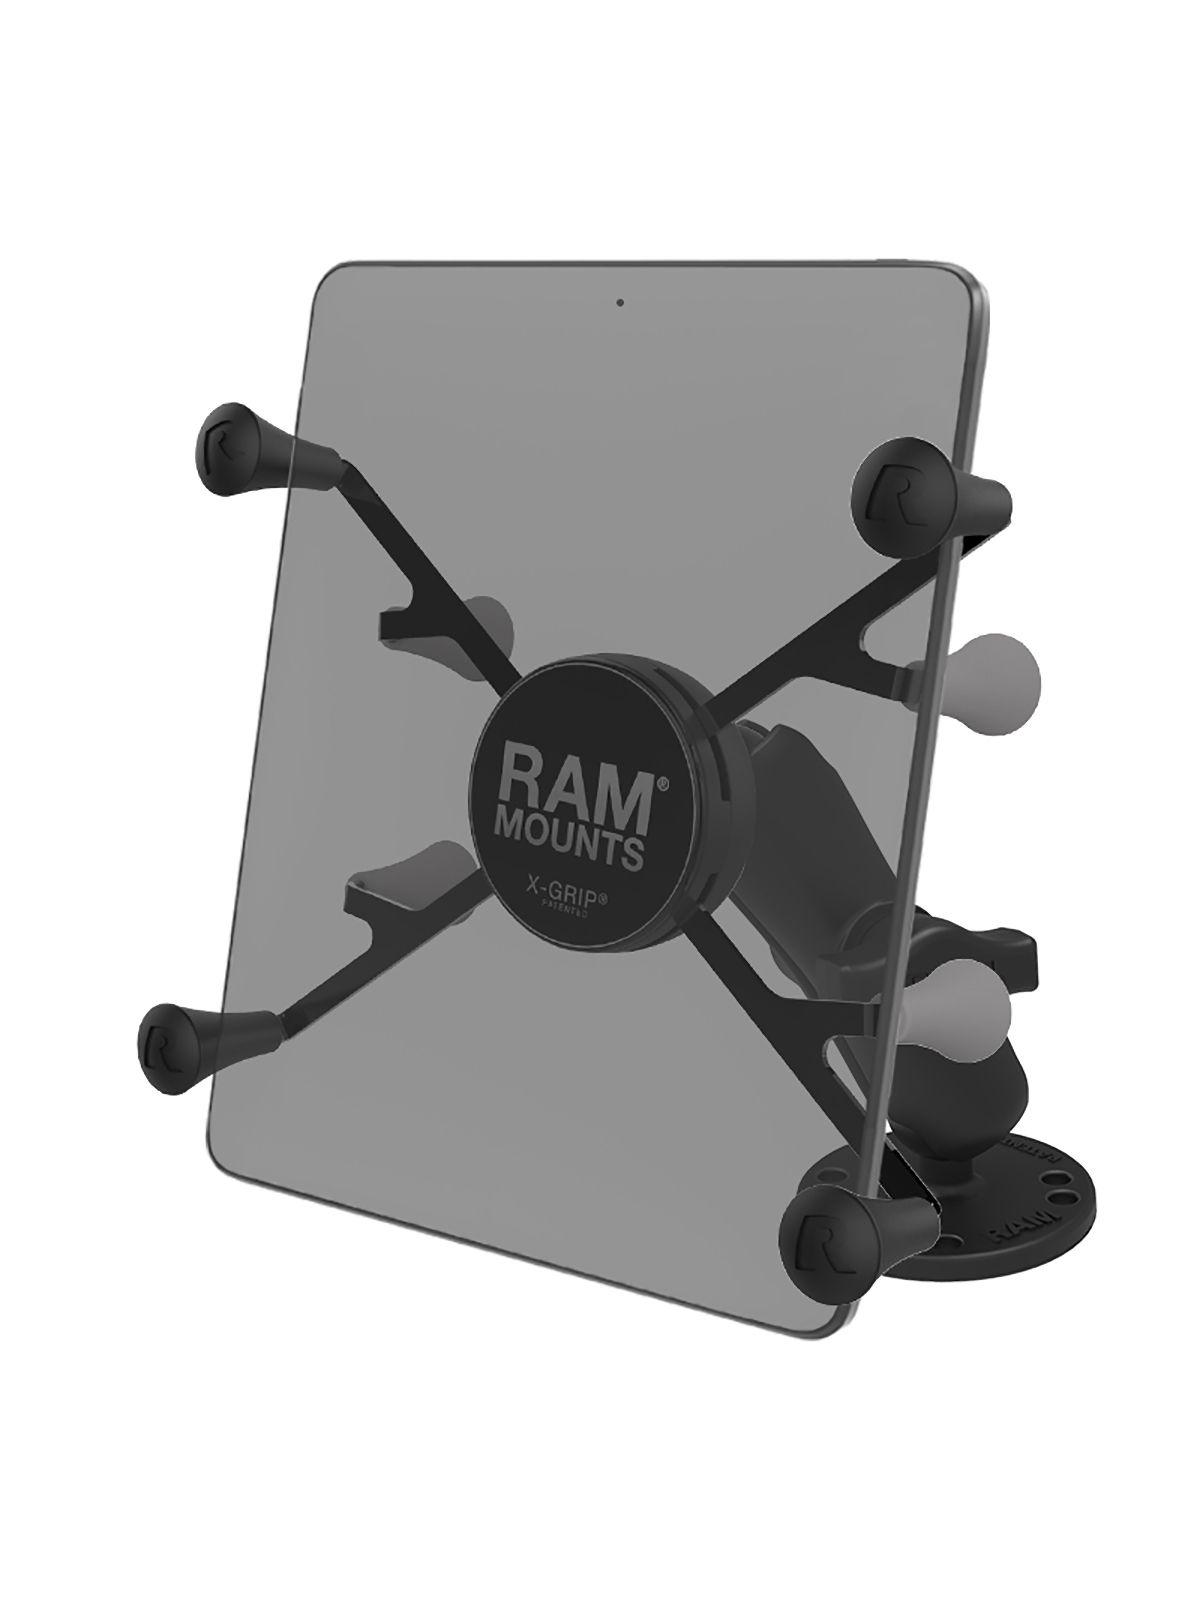 RAM Mounts X-Grip Aufbauhalterung für Tablets (7 Zoll) - B-Kugel (1 Zoll), runde Basisplatte (AMPS), mittlerer Verbindungsarm